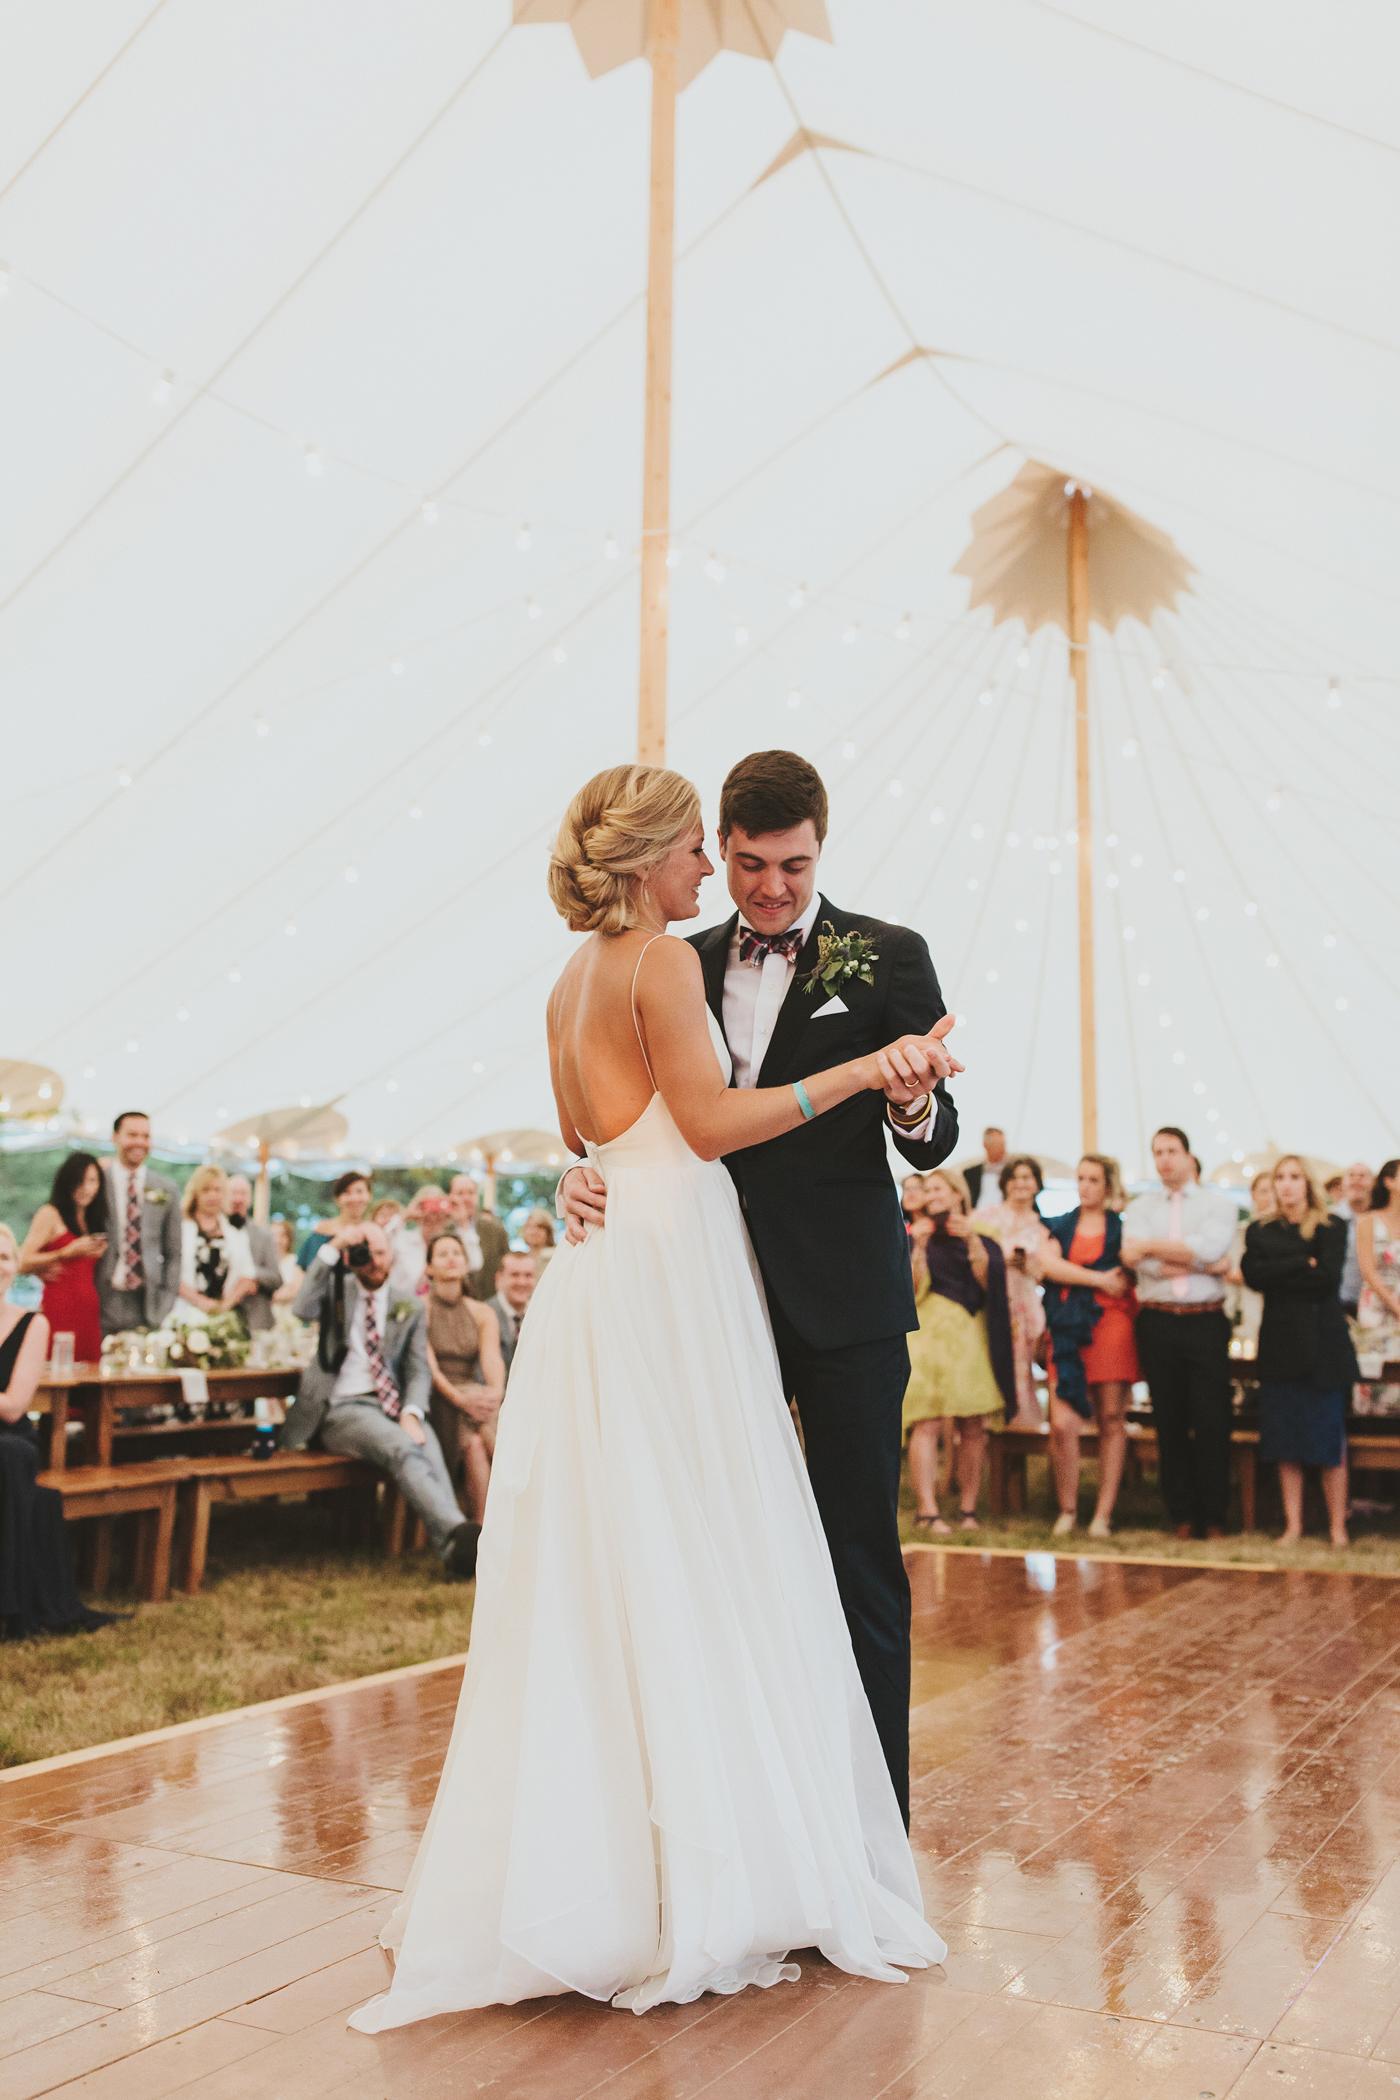 hadley corey wedding first dance